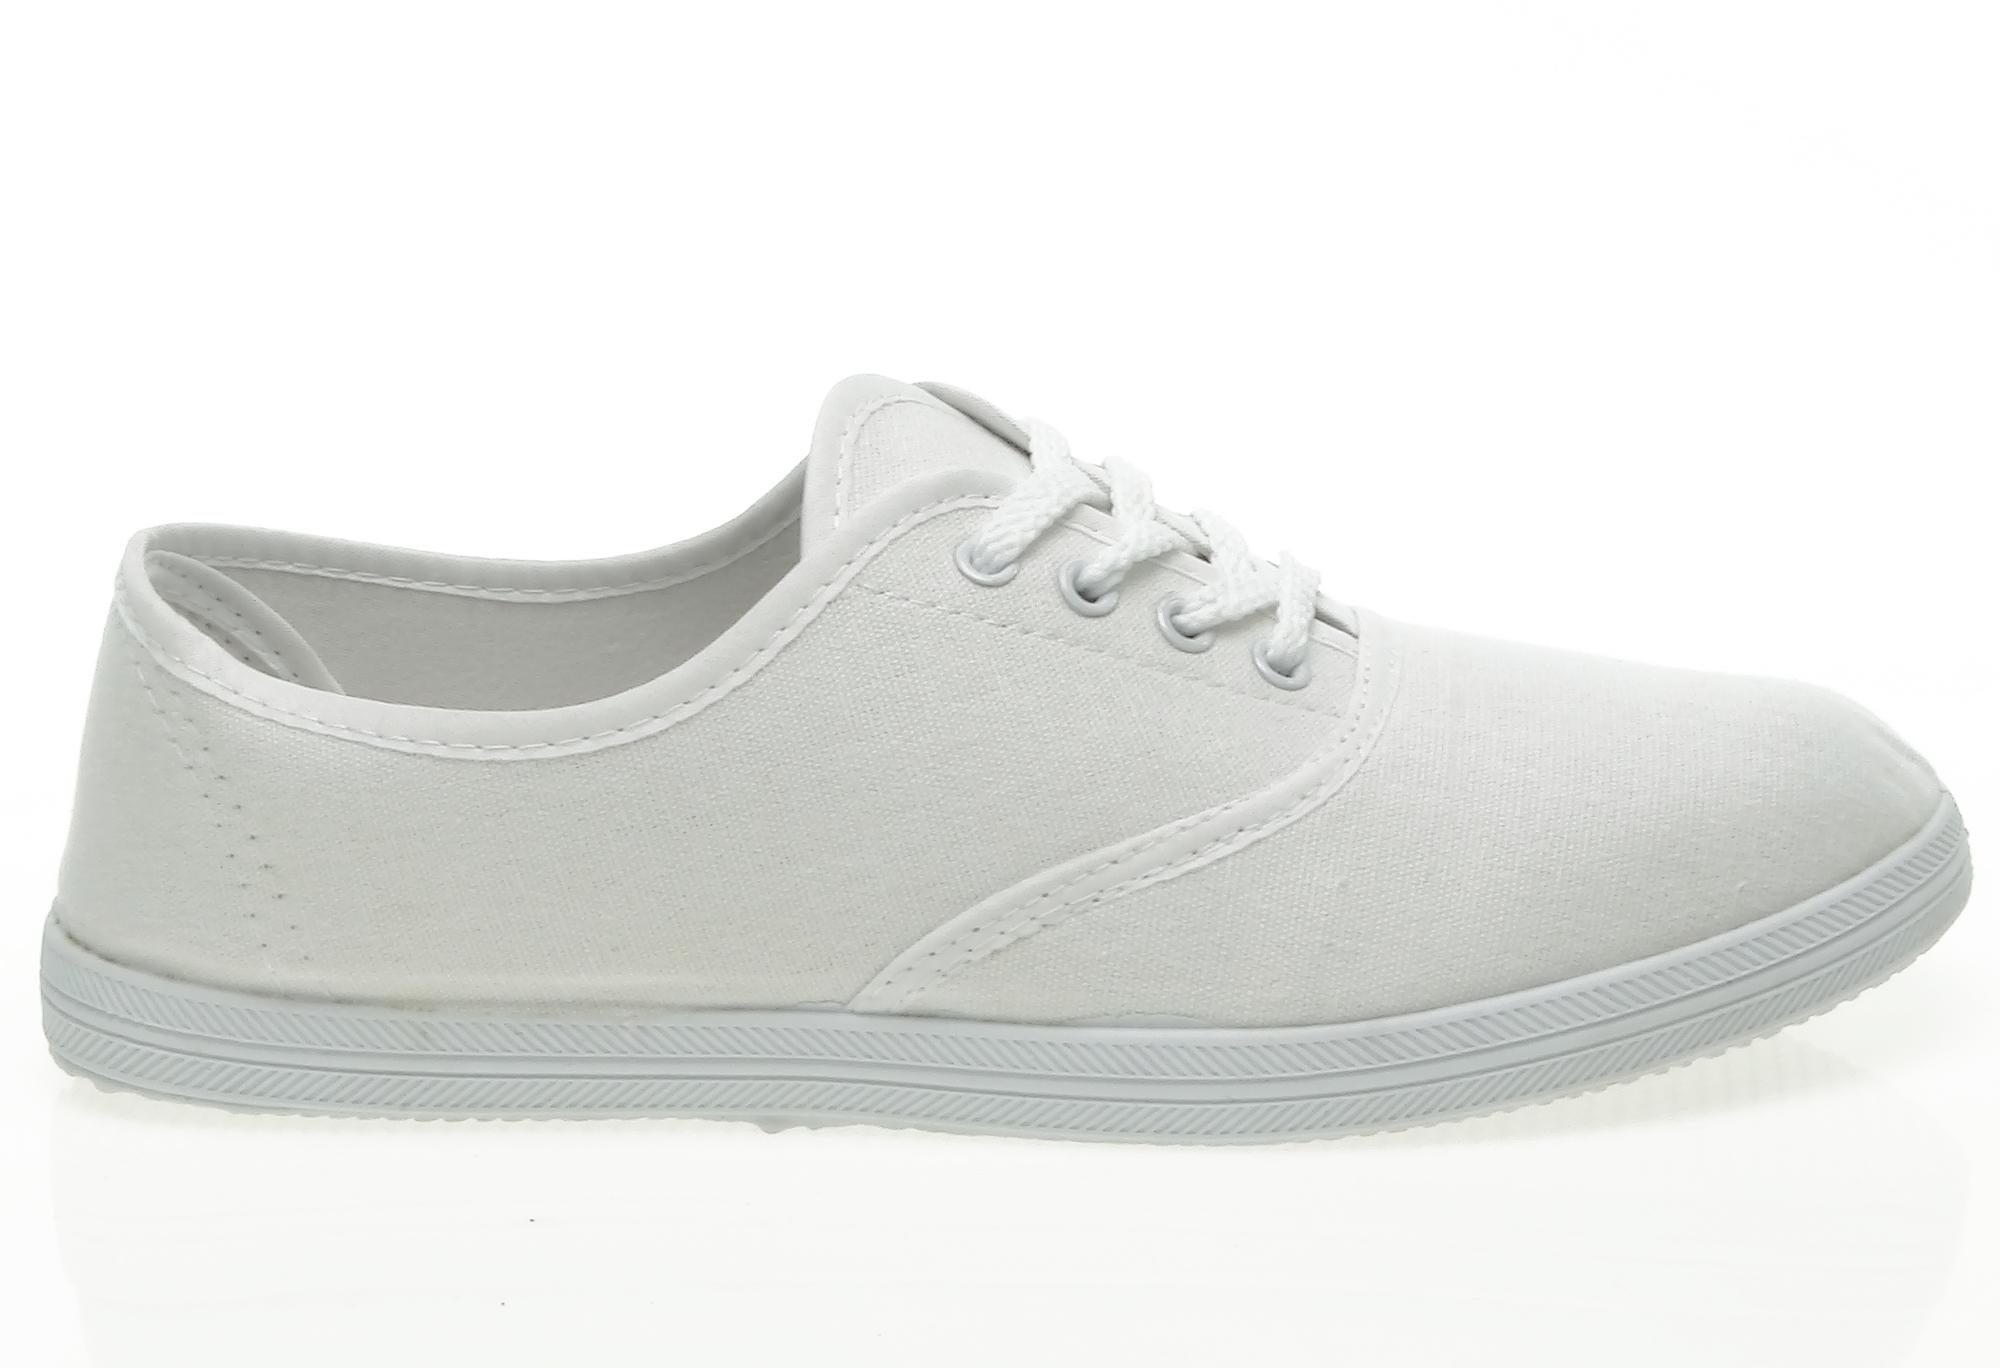 T01 Białe tenisówki trampki buty sportowe 39 6873441321